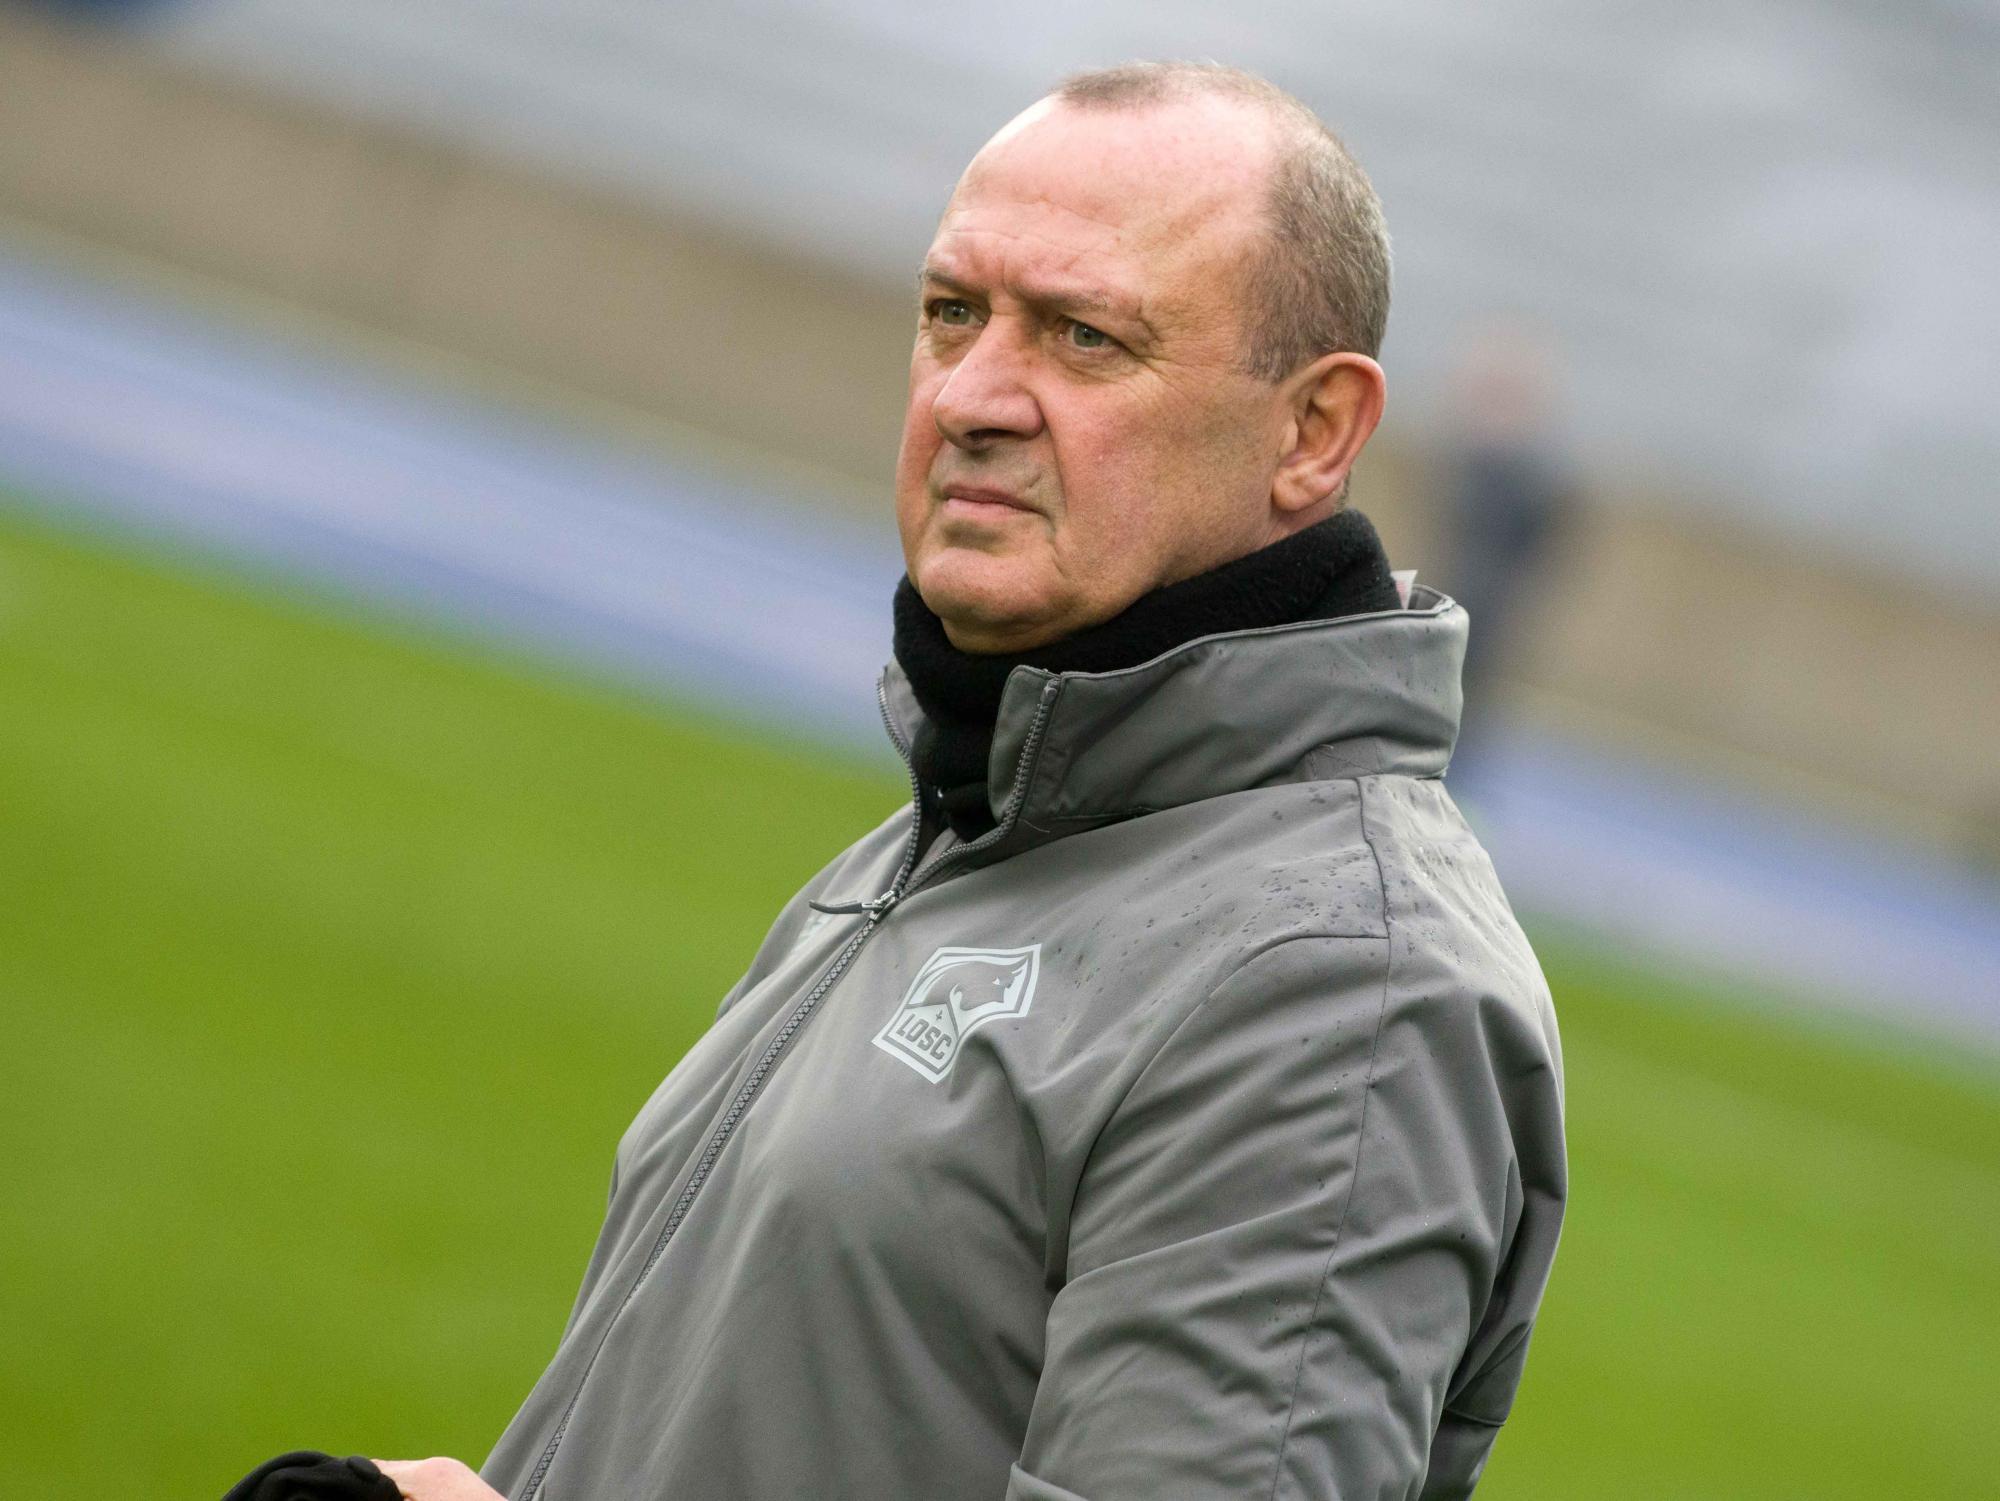 Dominique Carlier était arrivé cette saison au poste d'entraîneur (photo LOSC)